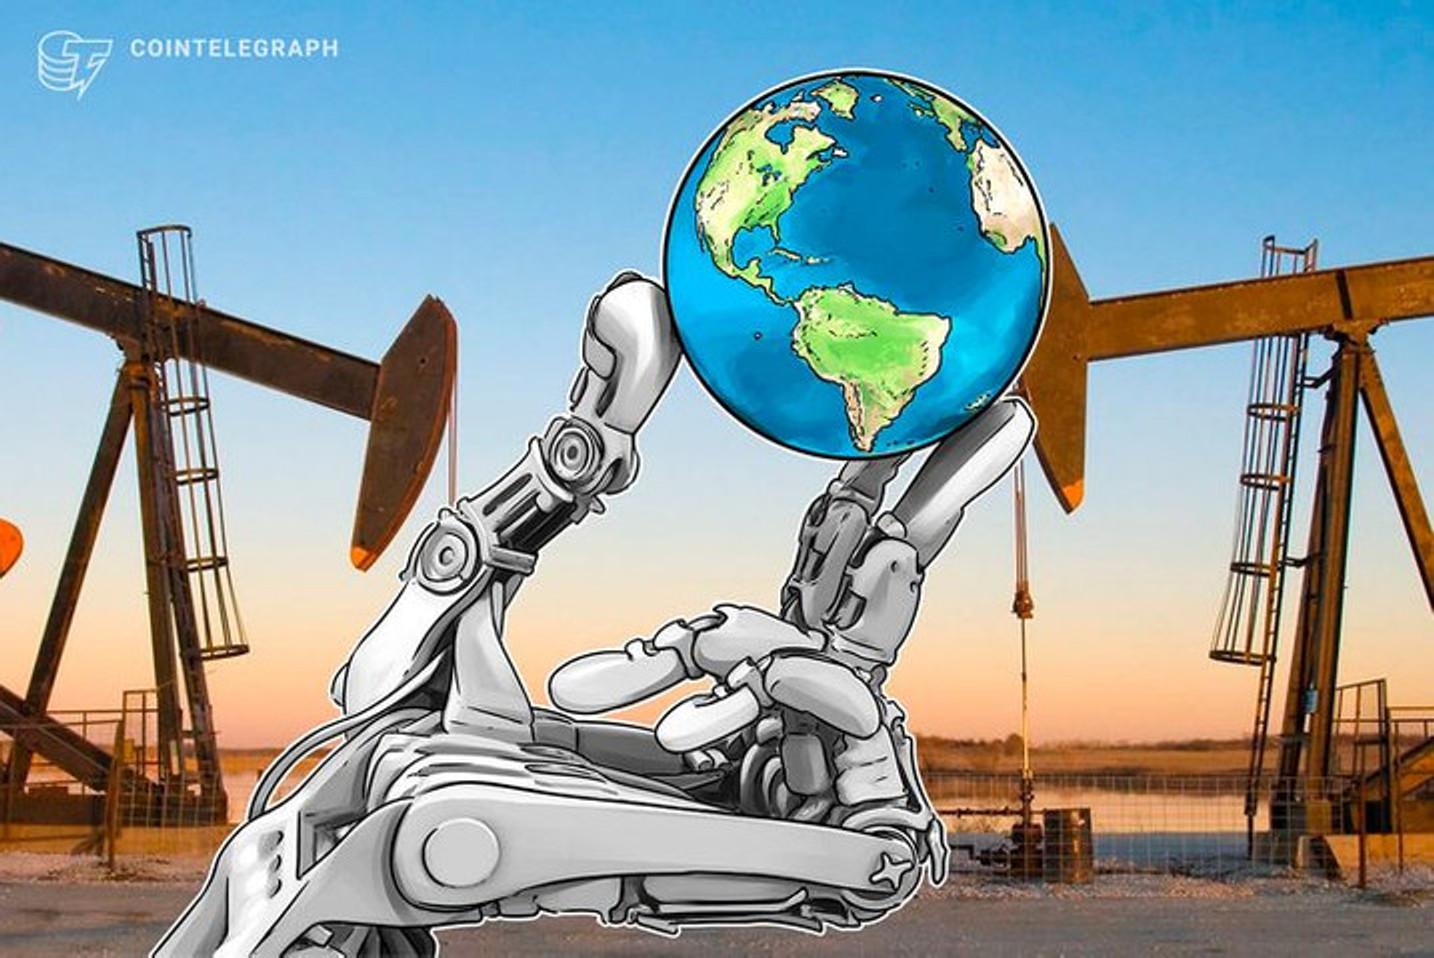 Grandes petrolíferas adotam blockchain para controlar emissão de carbono e prometem 'carbono zero' até 2050